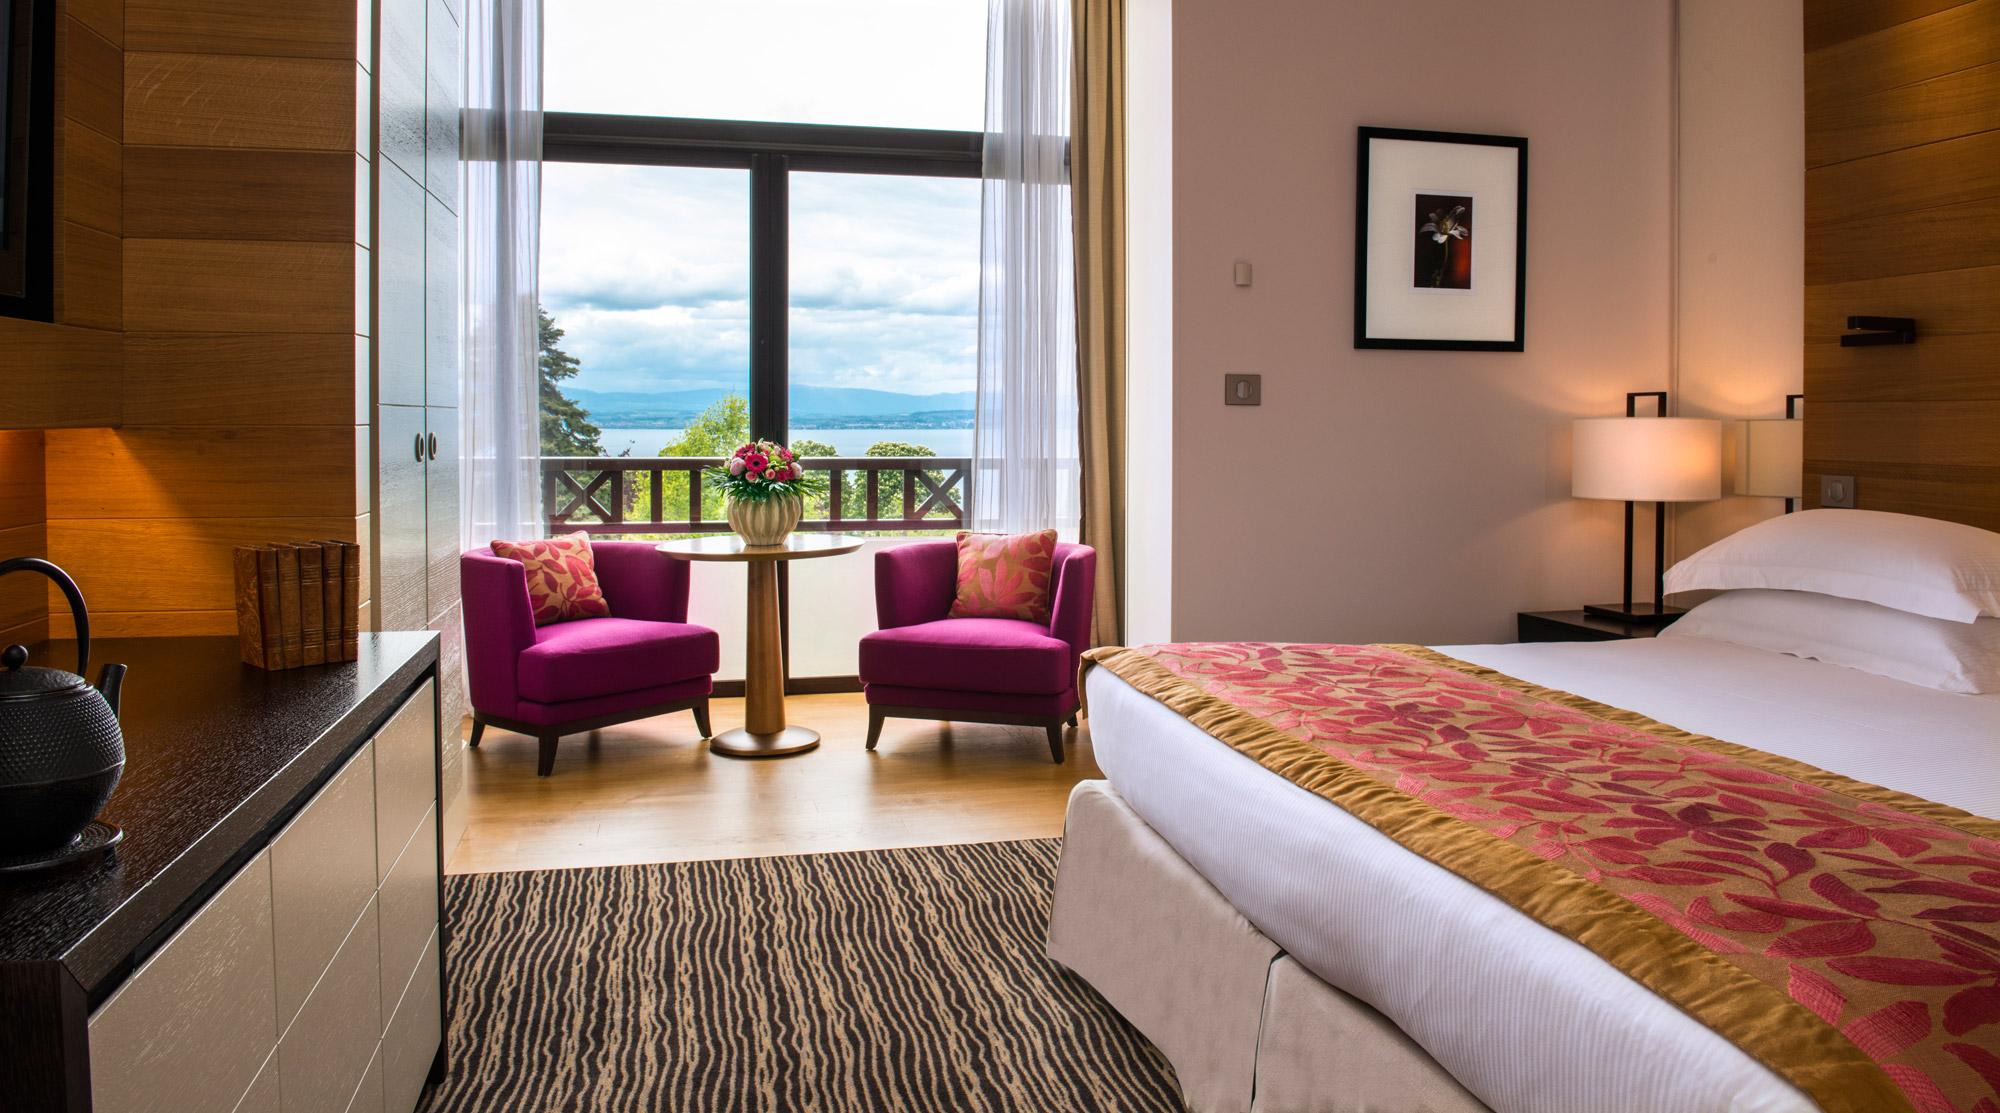 Chambre moderne et romantique proposée à l'Chambre à lHôtel Ermitage - Evian Resort avec vue sur le parc